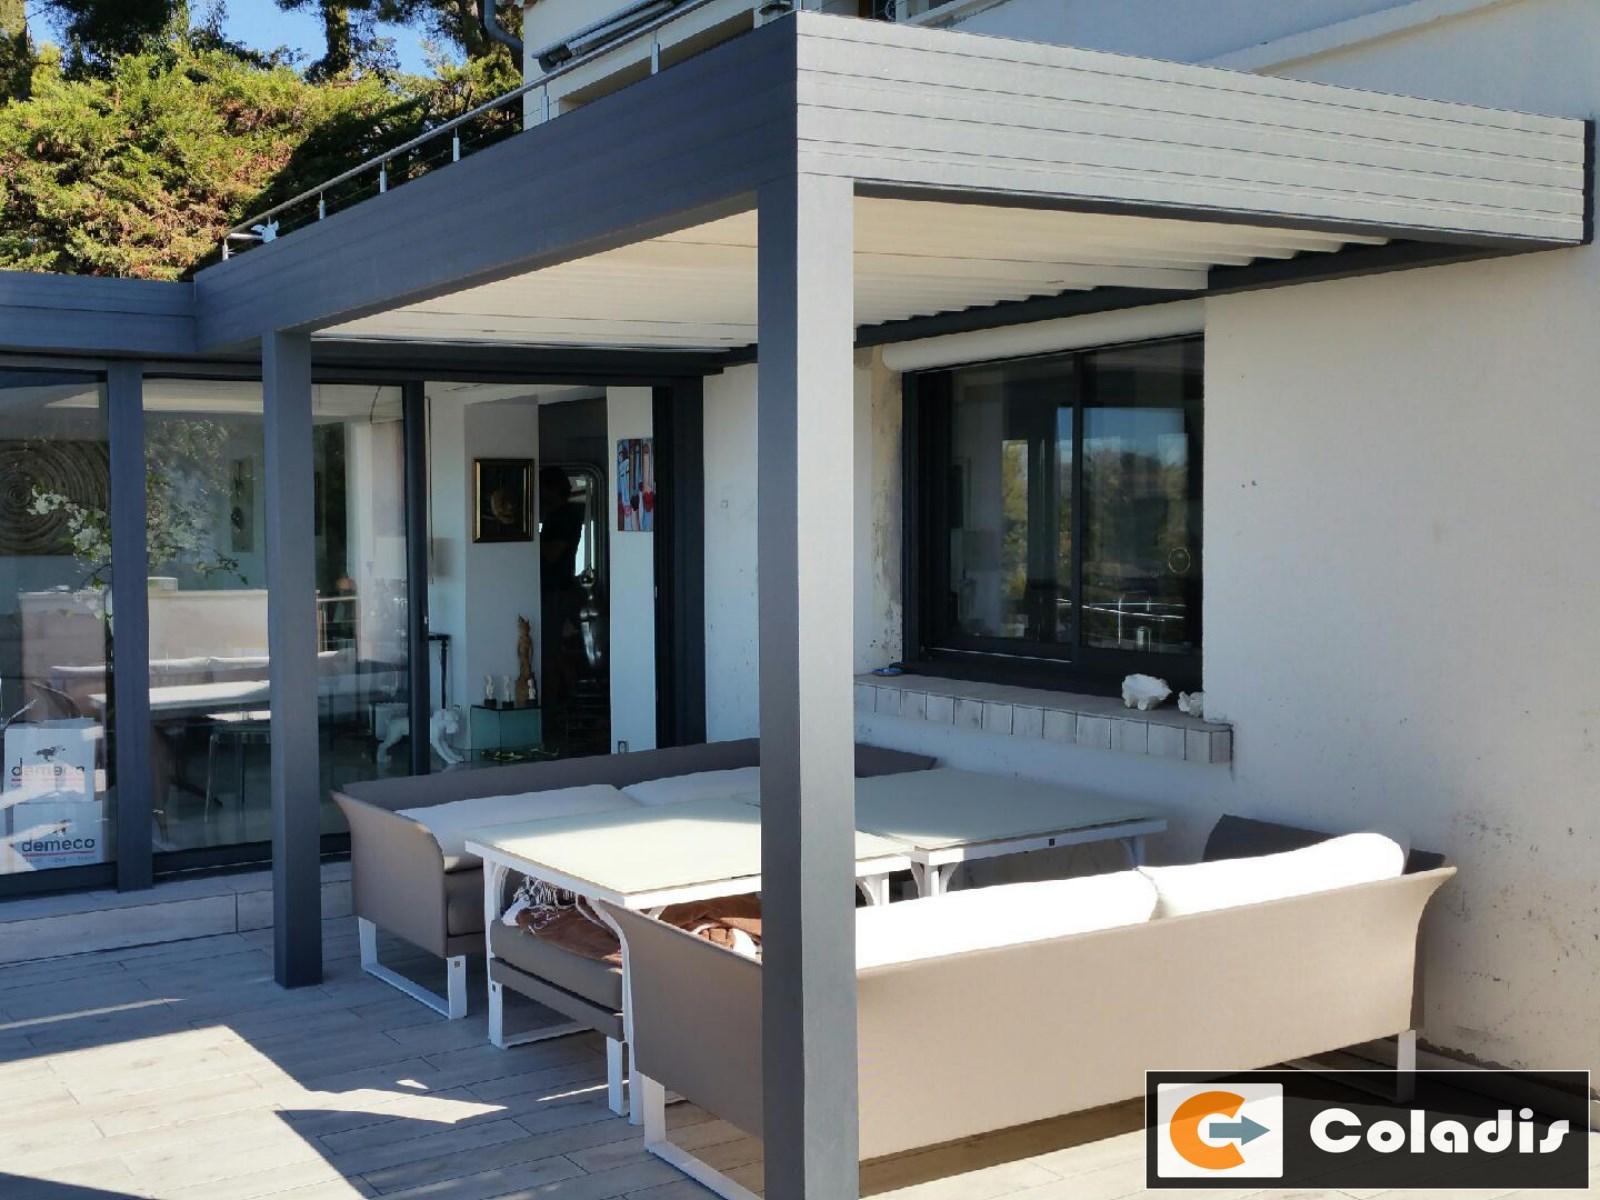 Coladis veranda pergola sur mesure aluminium toulon